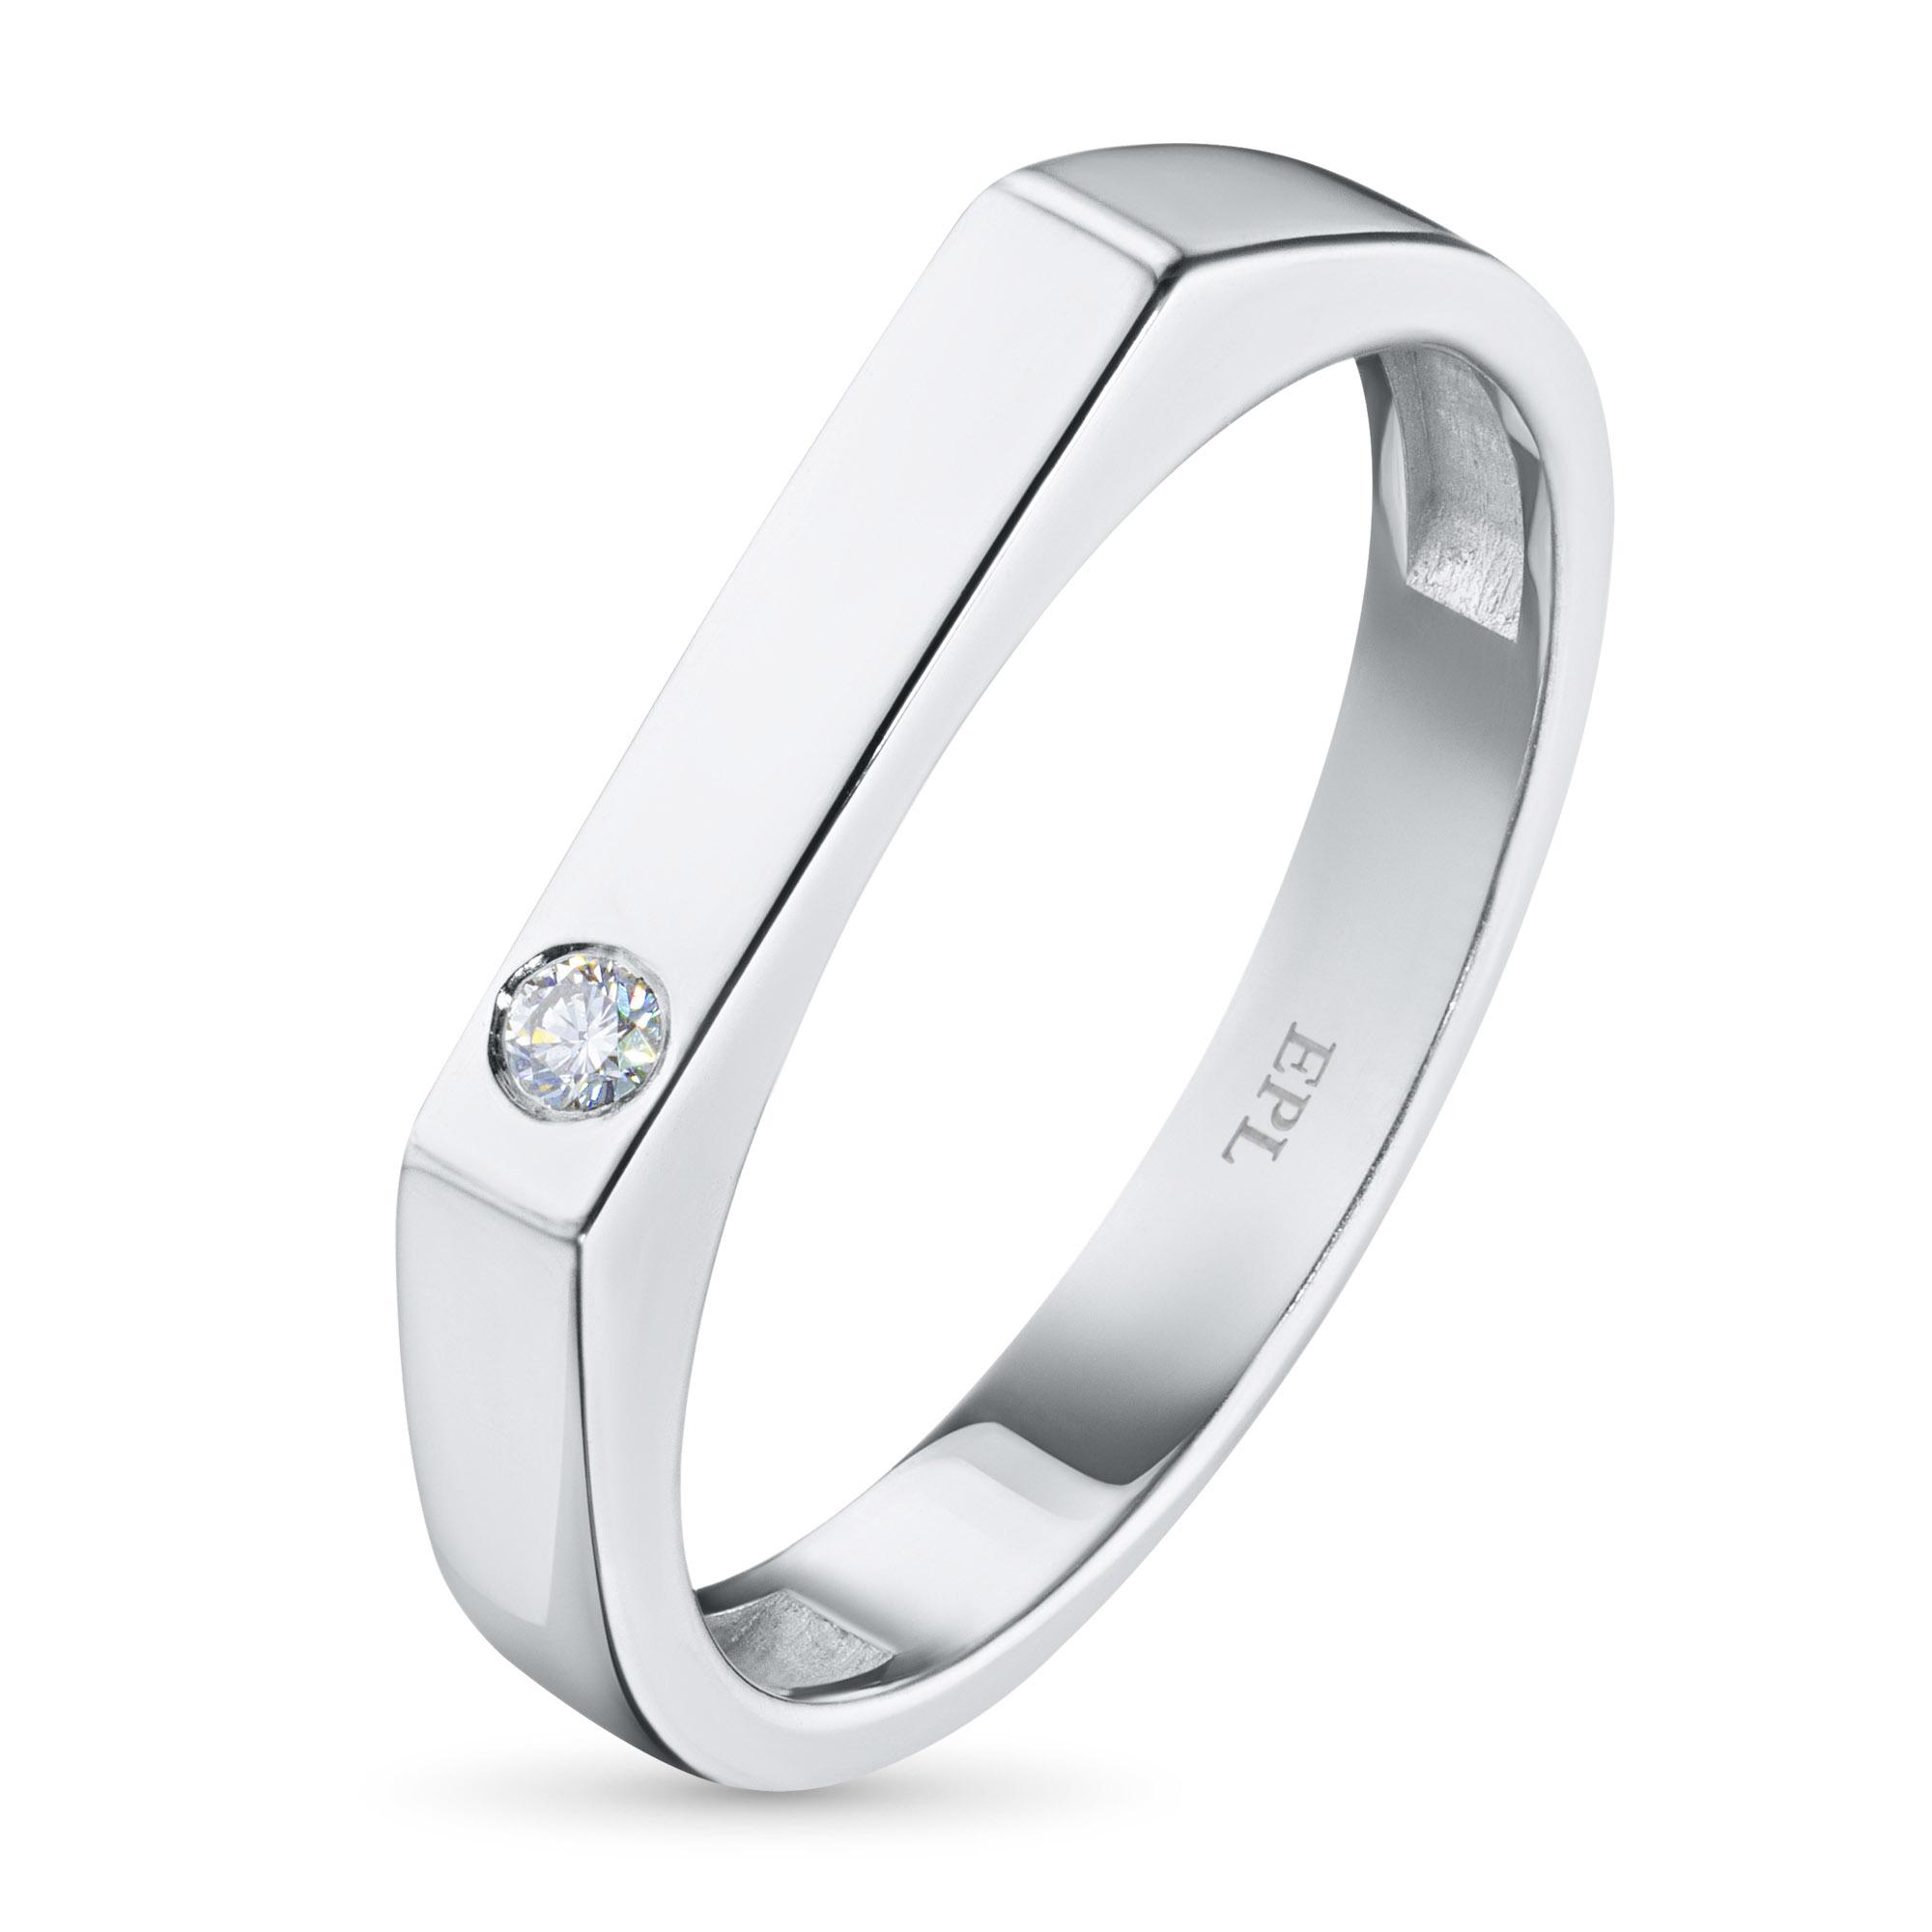 Кольцо из серебра с бриллиантом БВ06к121899